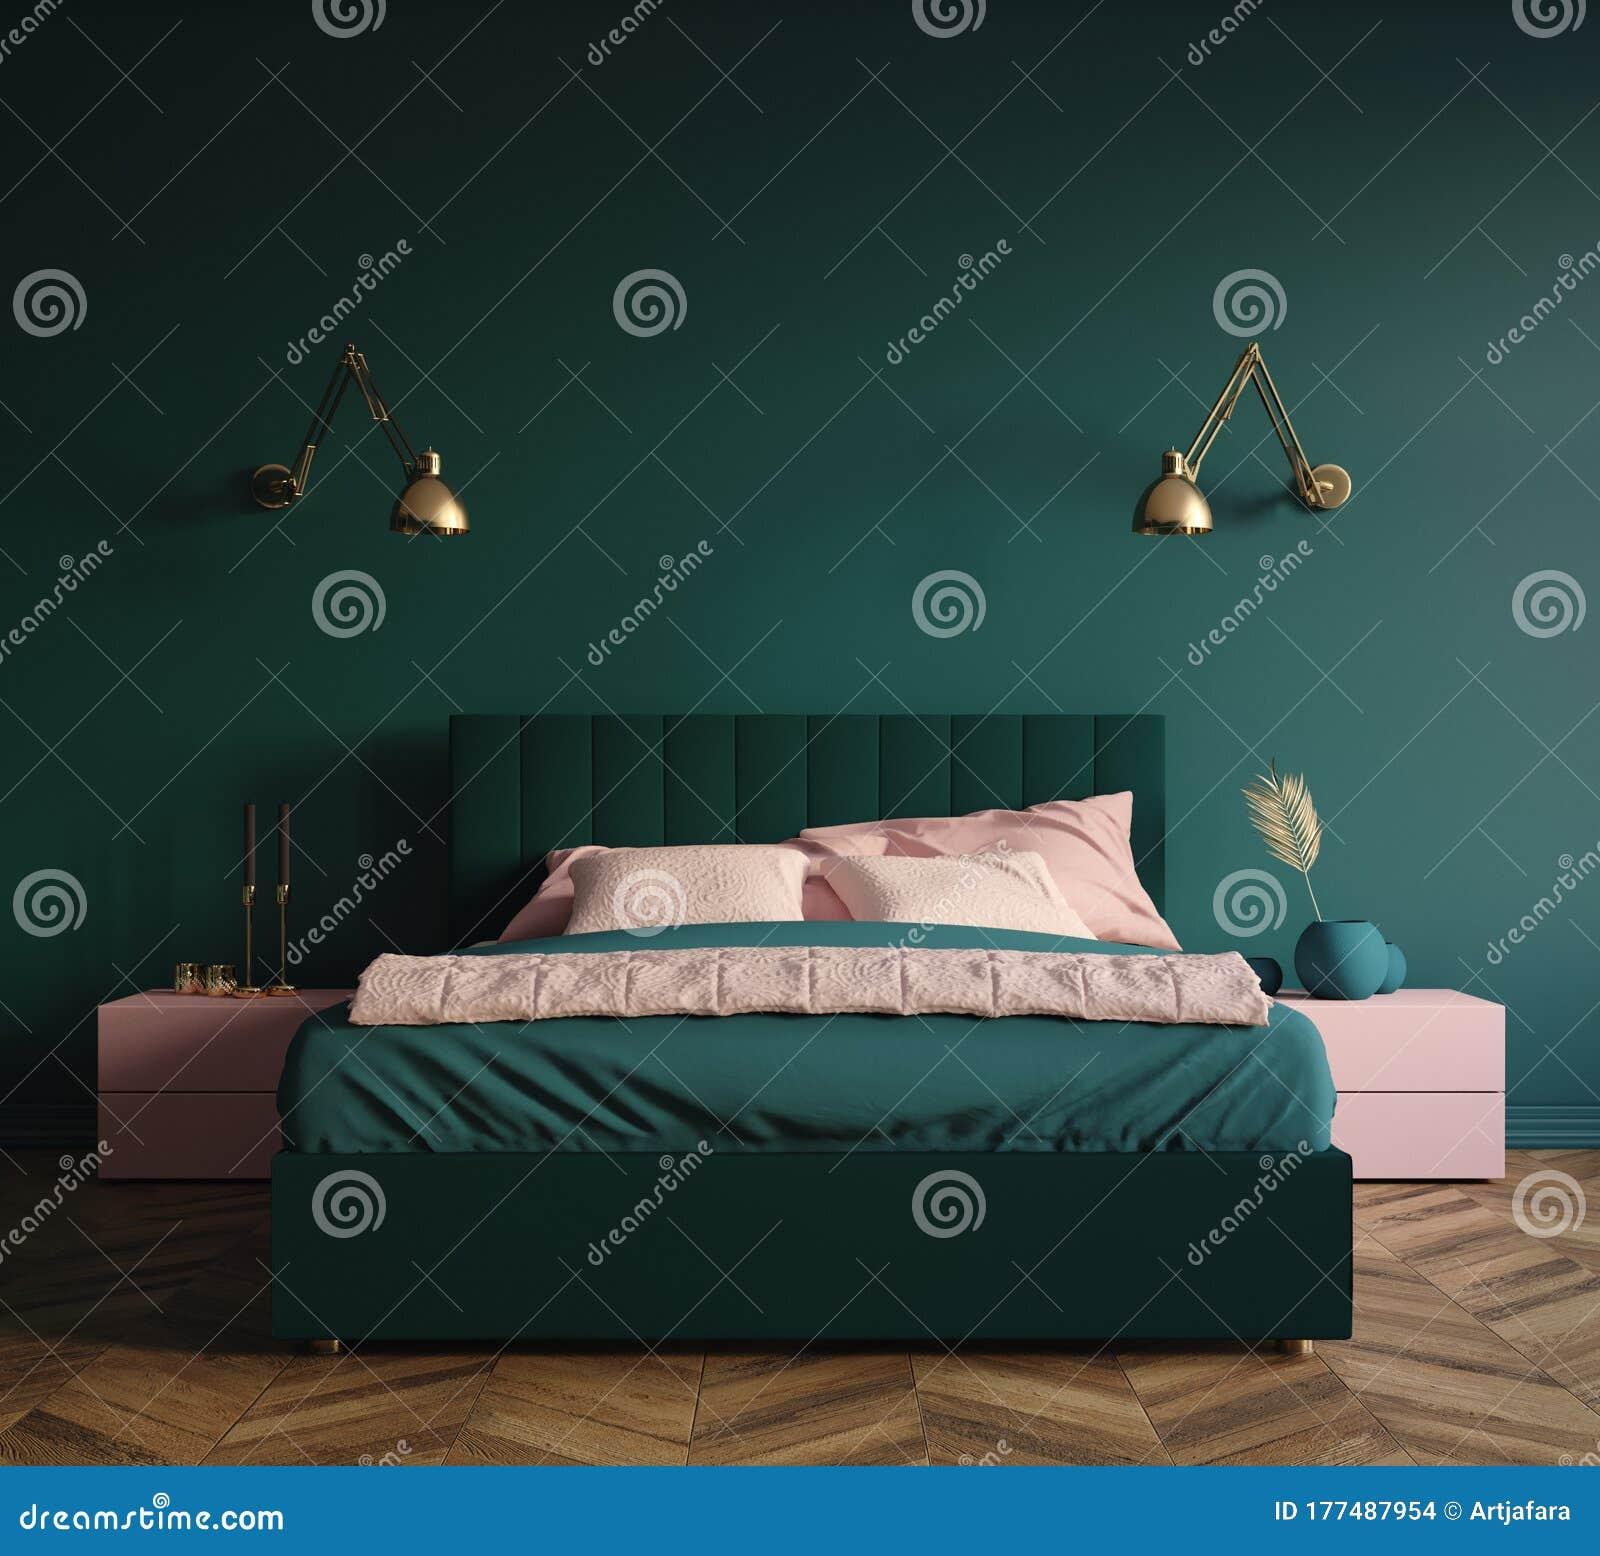 Modern Dark Green Bedroom Interior Stock Illustration Illustration Of Decor Decoration 177487954